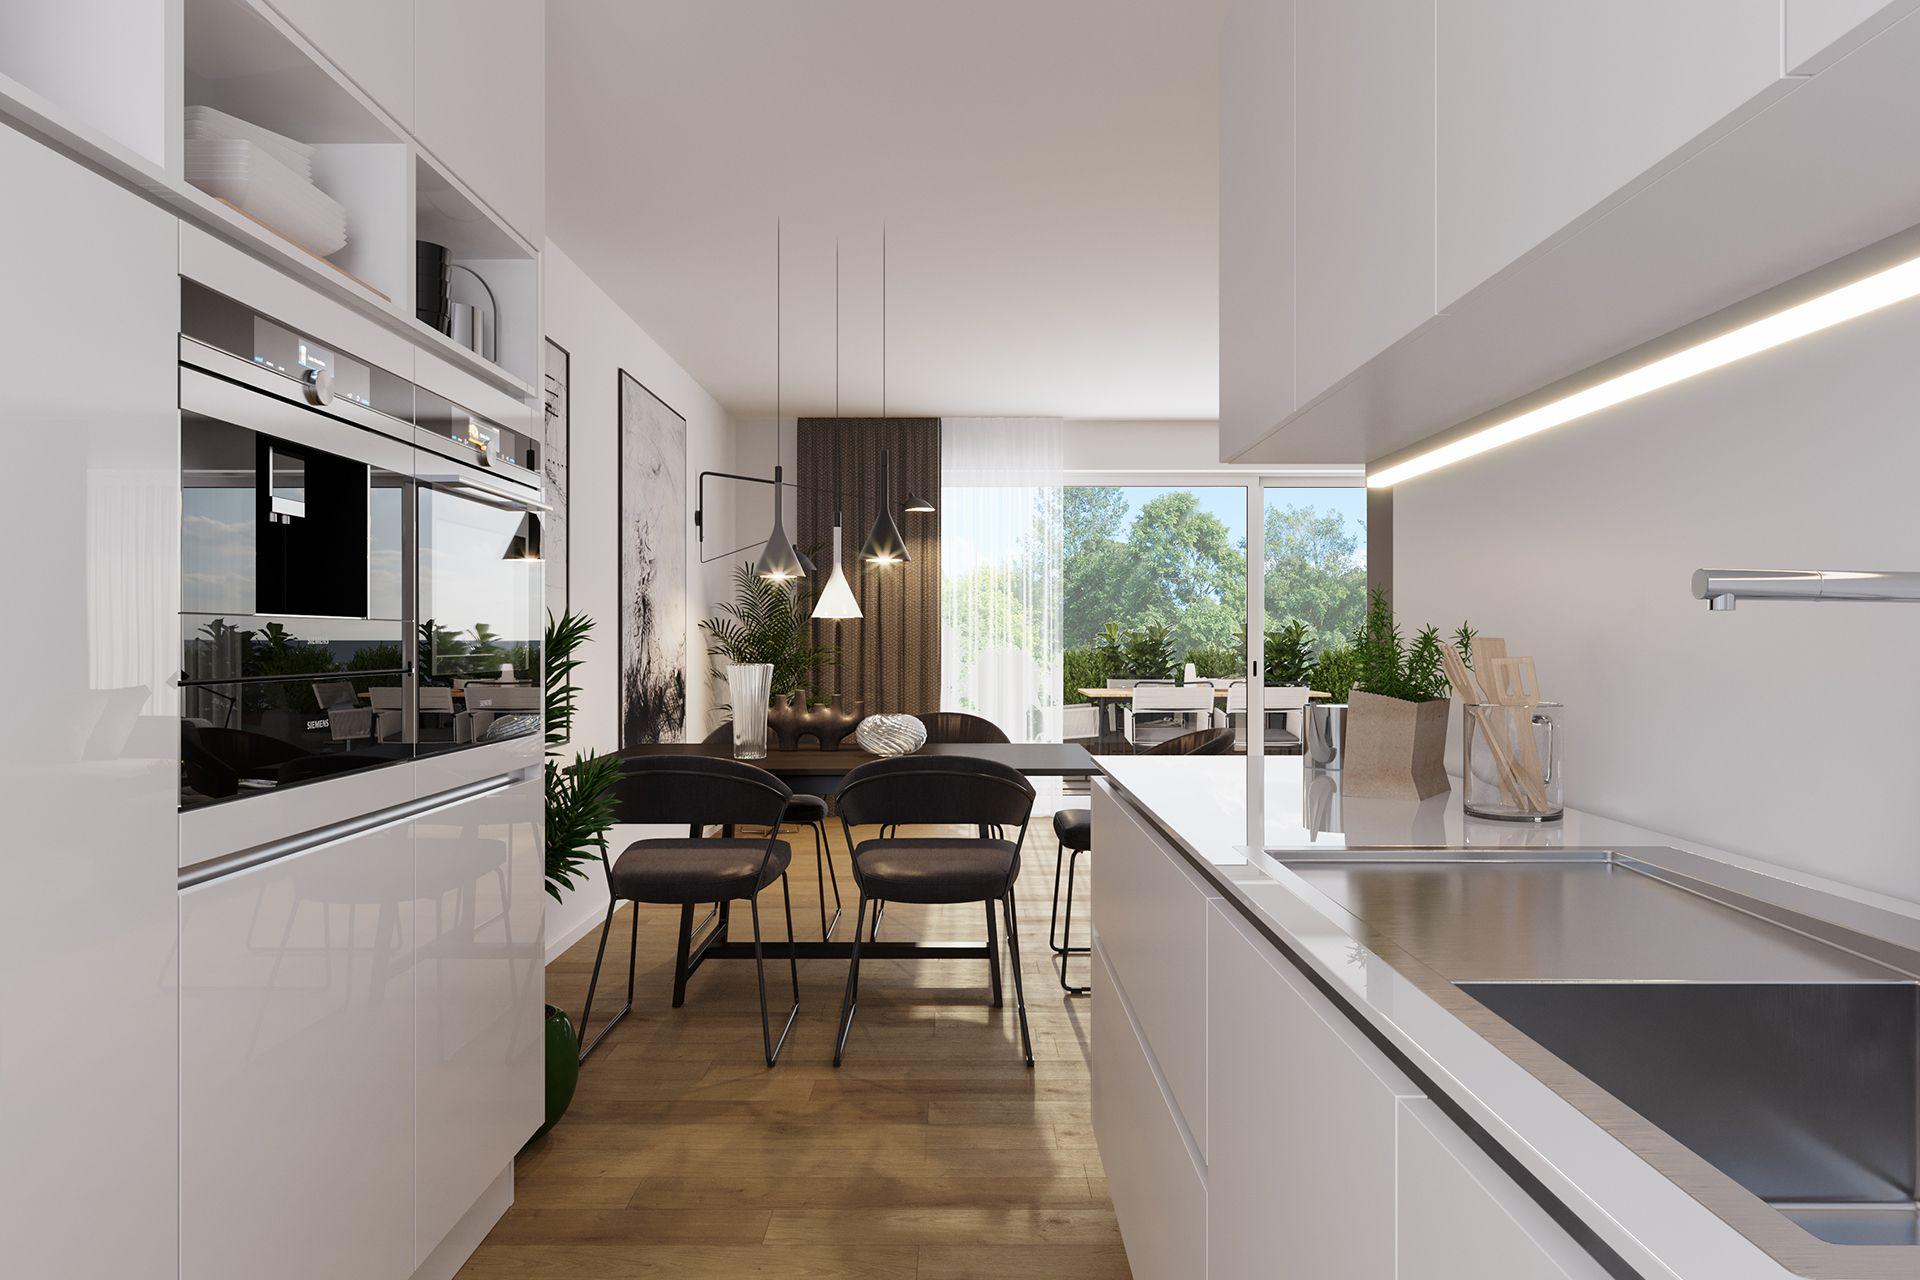 Interiorvisualisierung: Küche von Reihenhaus Unterwaltersdorf, Niederösterreich